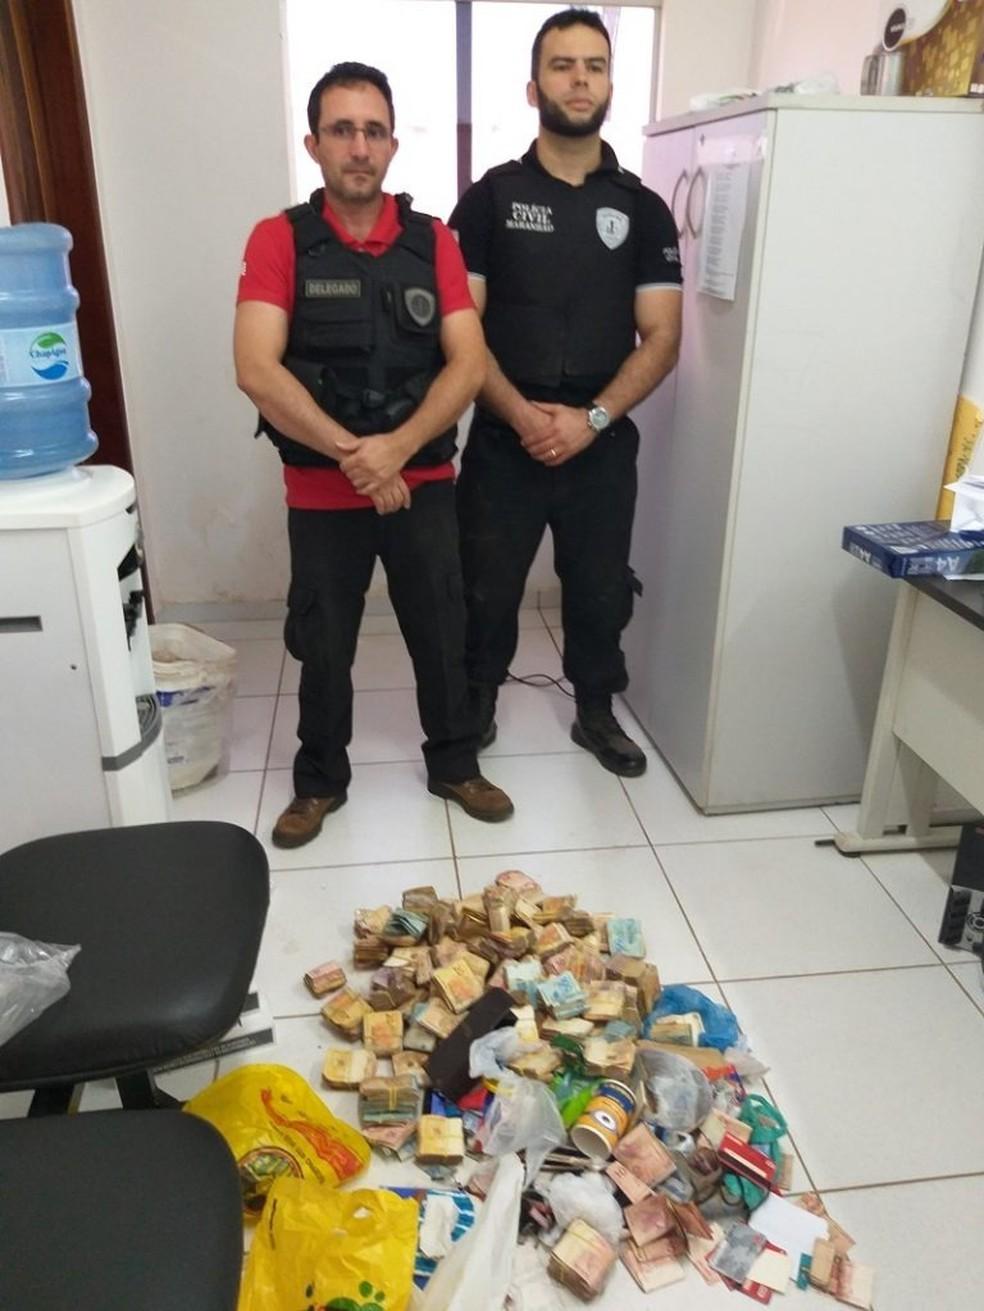 Segundo a polícia, dinheiro apreendido pertencia a traficantes de drogas em Coroatá — Foto: Divulgação/Polícia Civil